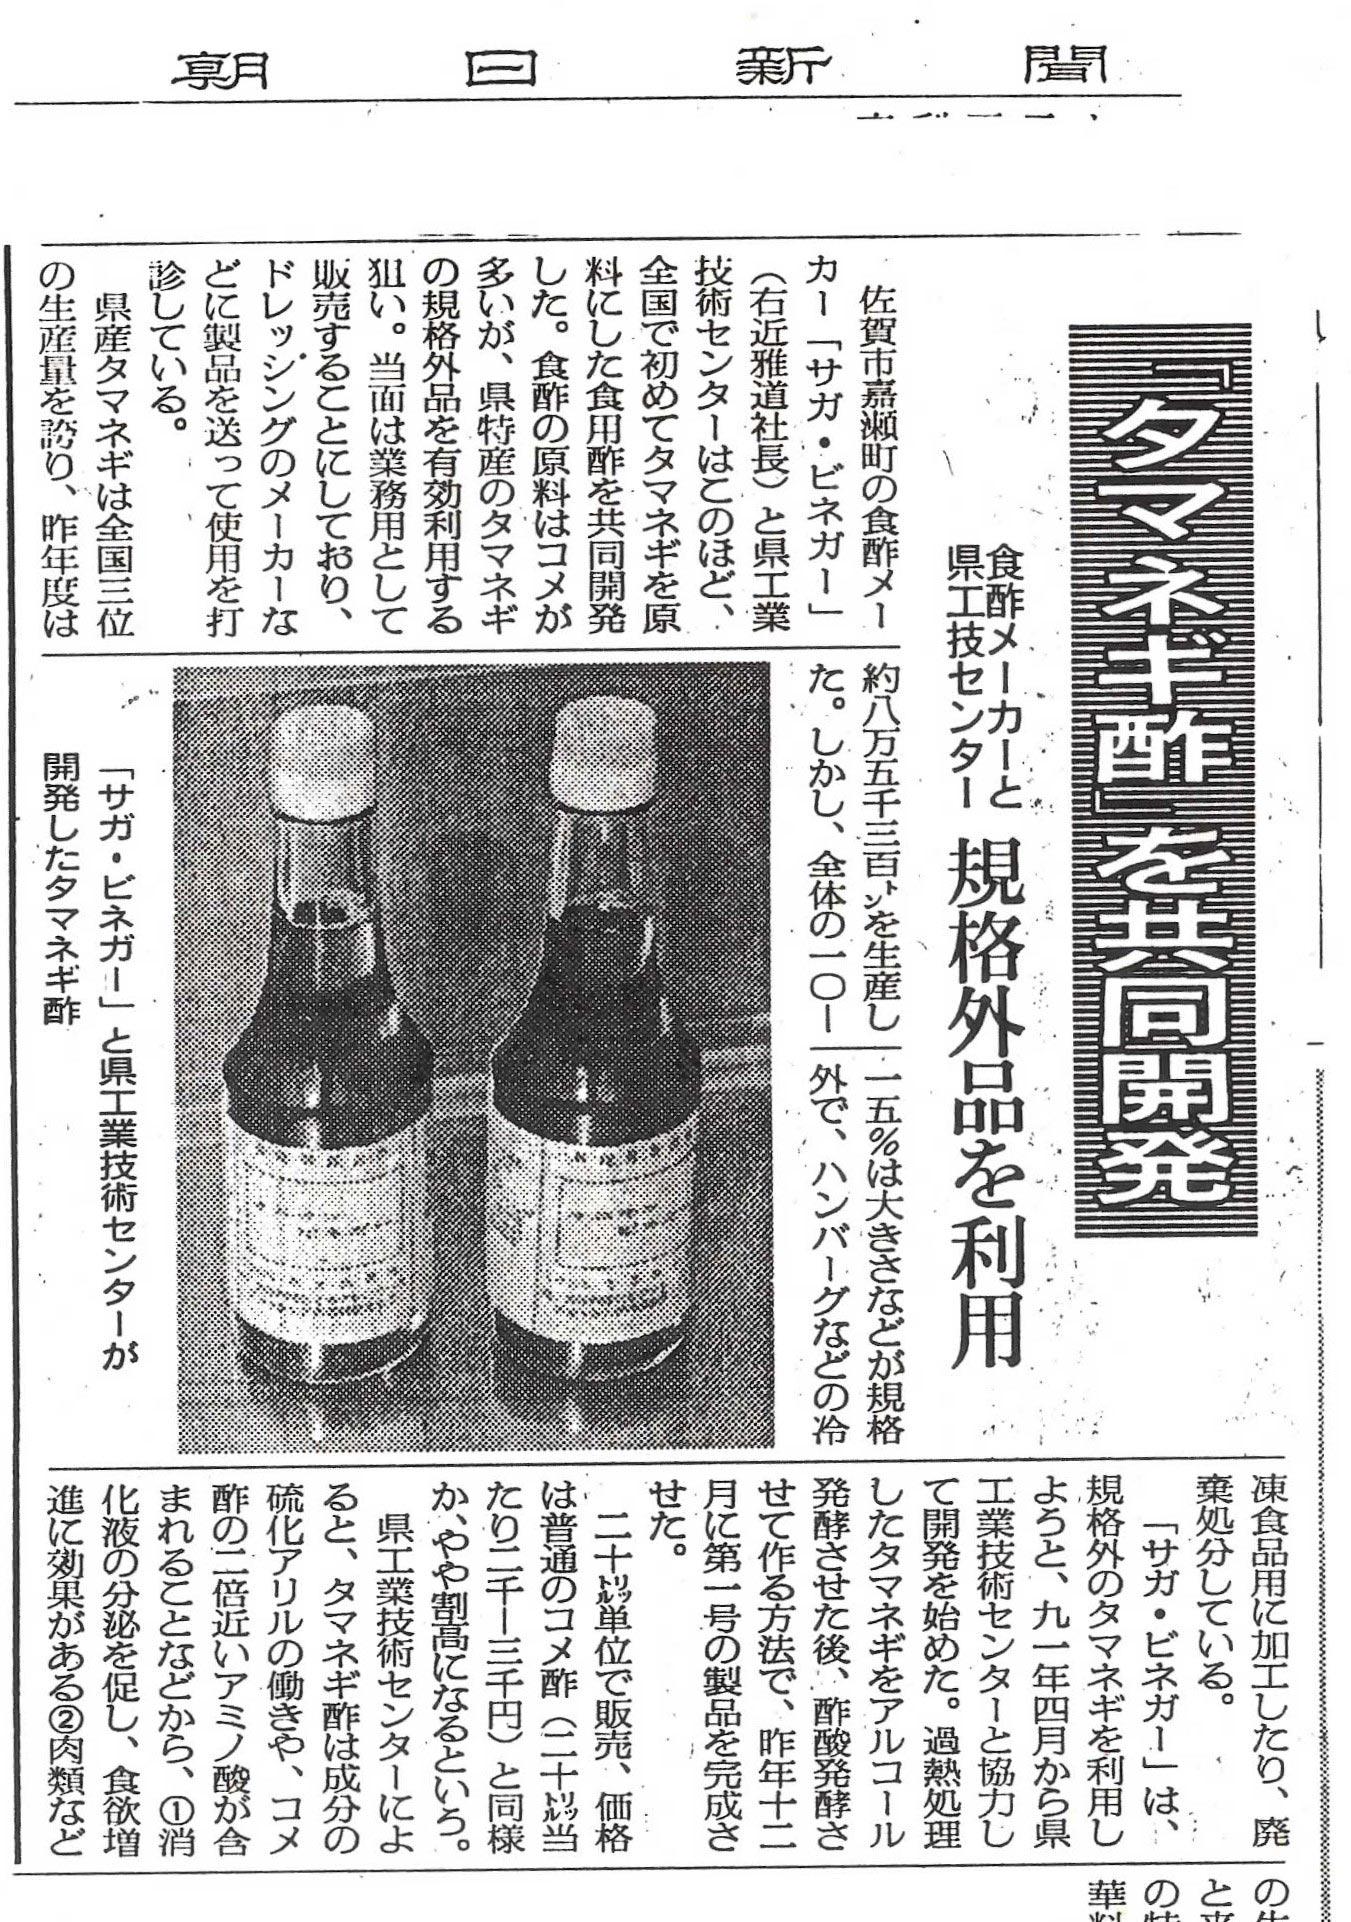 新聞掲載 1993年(平成5年)1月21日 朝日新聞 「タマネギ酢を共同開発」